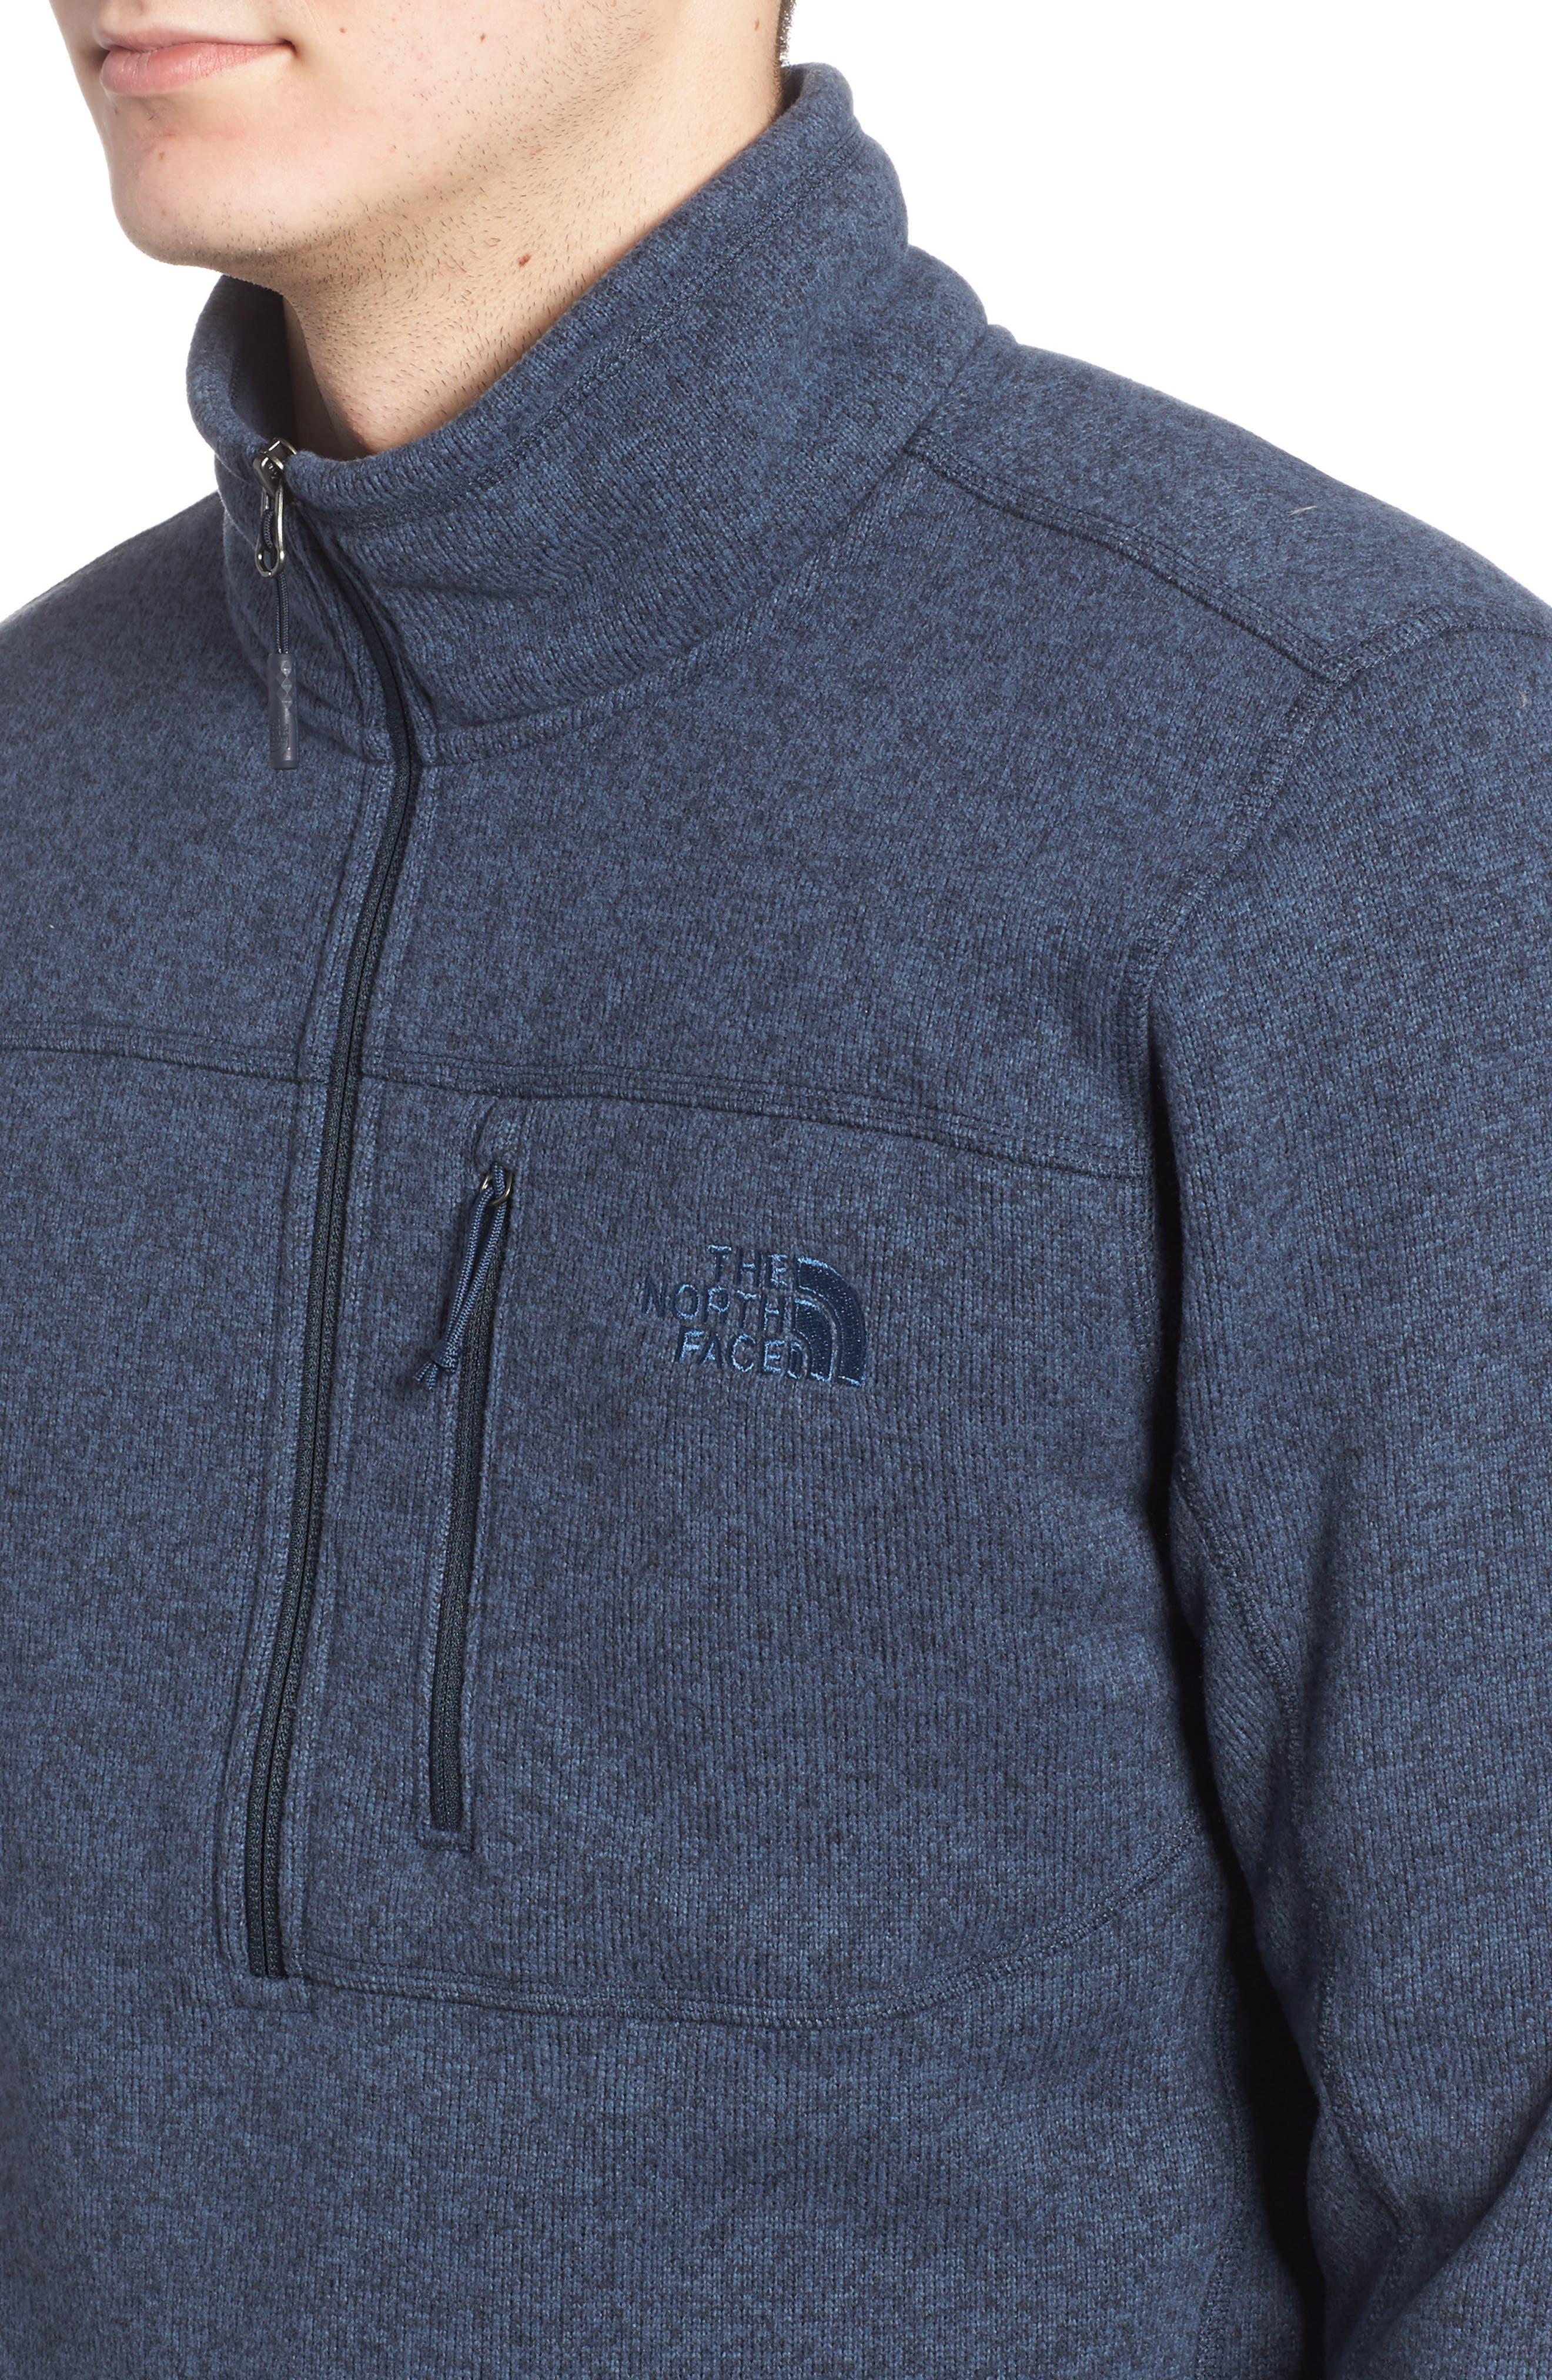 Gordon Lyons Quarter-Zip Fleece Jacket,                             Alternate thumbnail 4, color,                             URBAN NAVY HEATHER